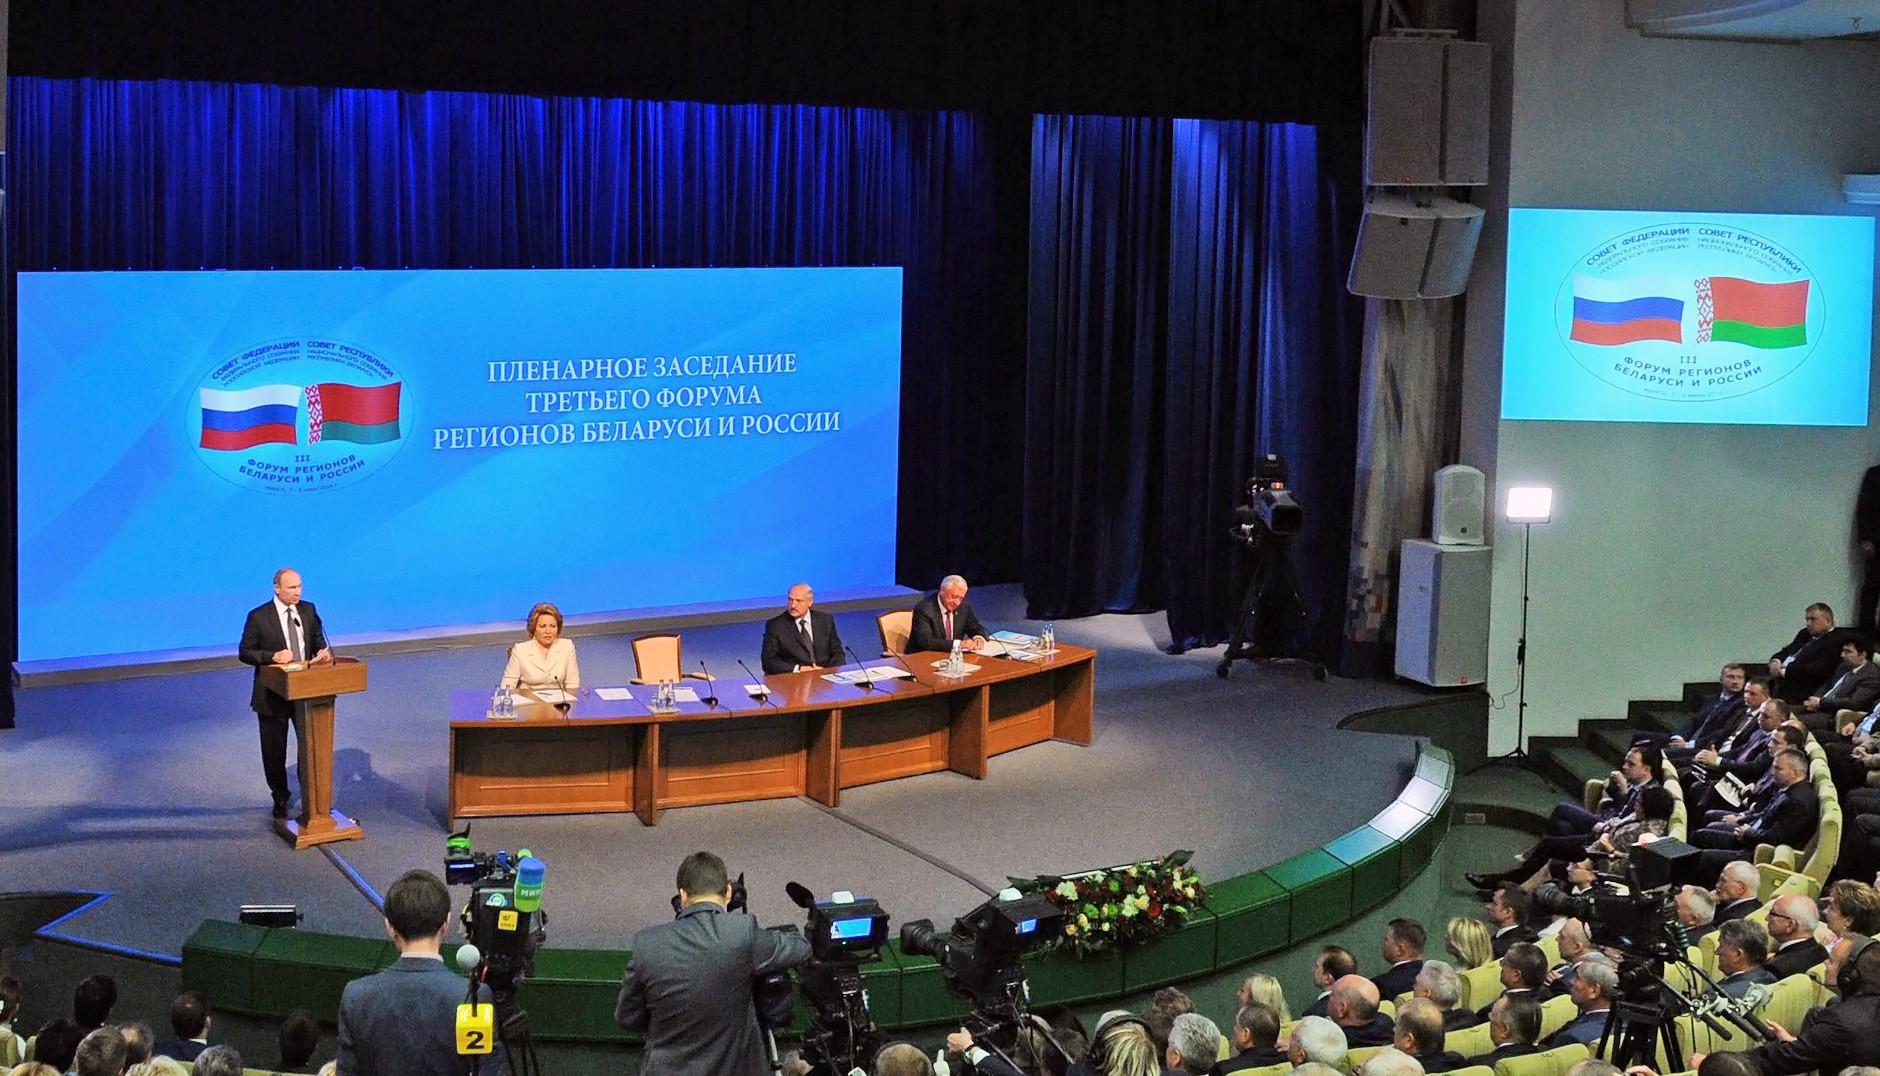 Владимир Путин выступает на Форуме регионов России и Белоруссии